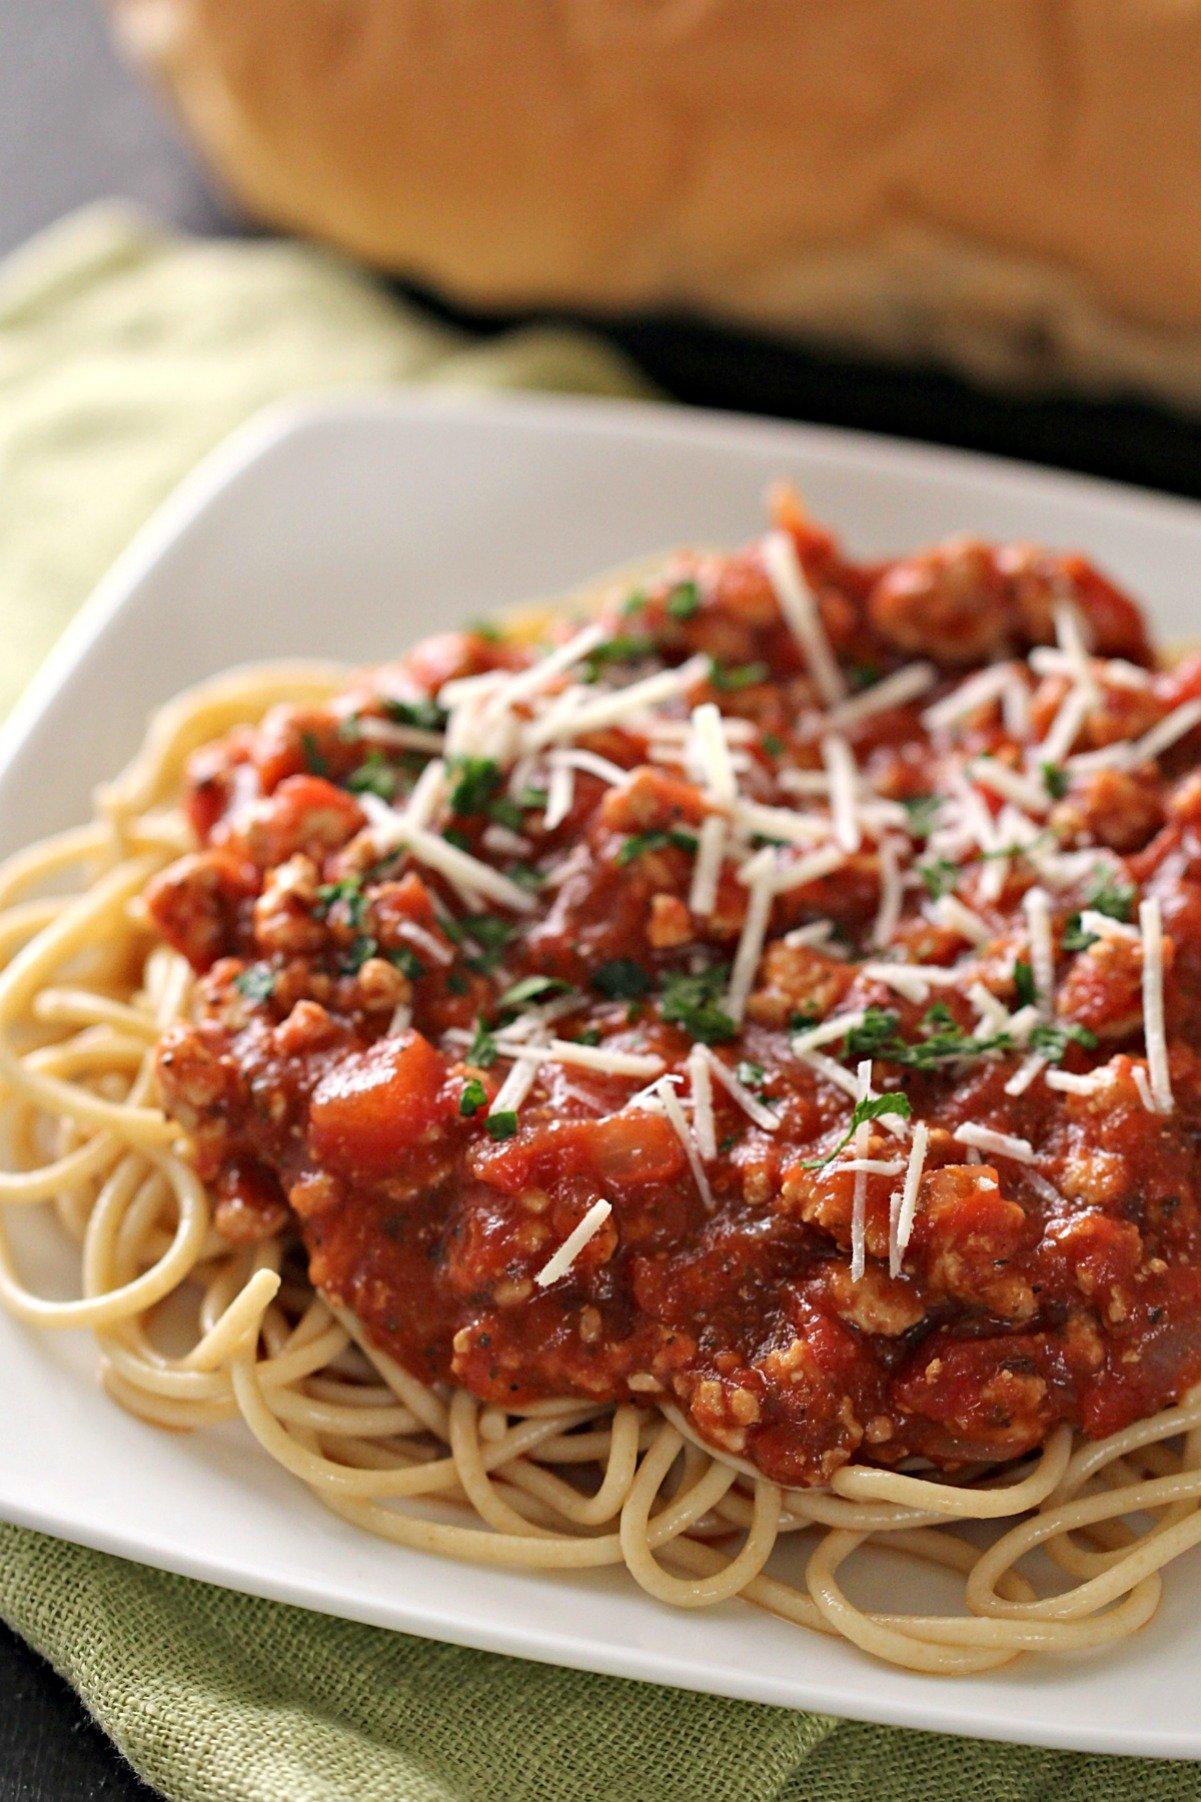 Ground turkey spaghetti sauce on spaghetti plated.